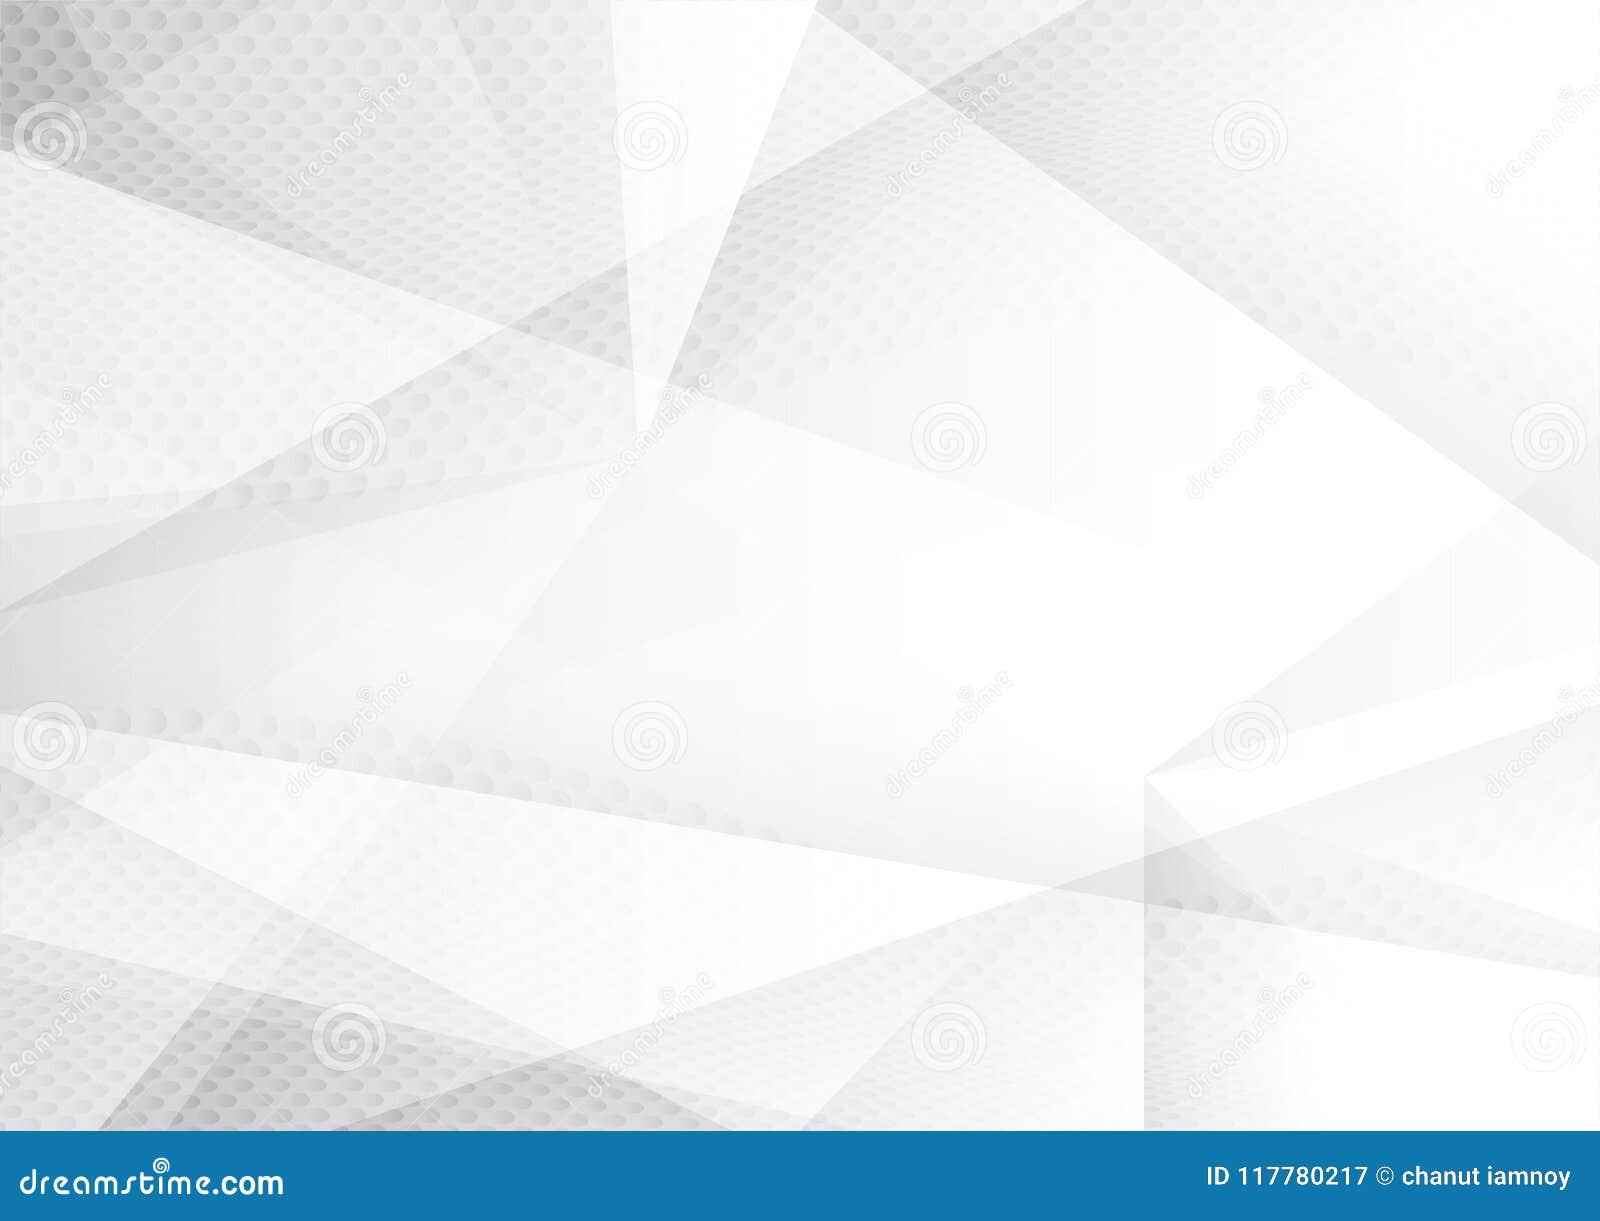 Αφηρημένο υπόβαθρο, Grunge αναδρομικό για τη χρήση στο σχέδιο, υπόβαθρο γραμμών που δίνεται